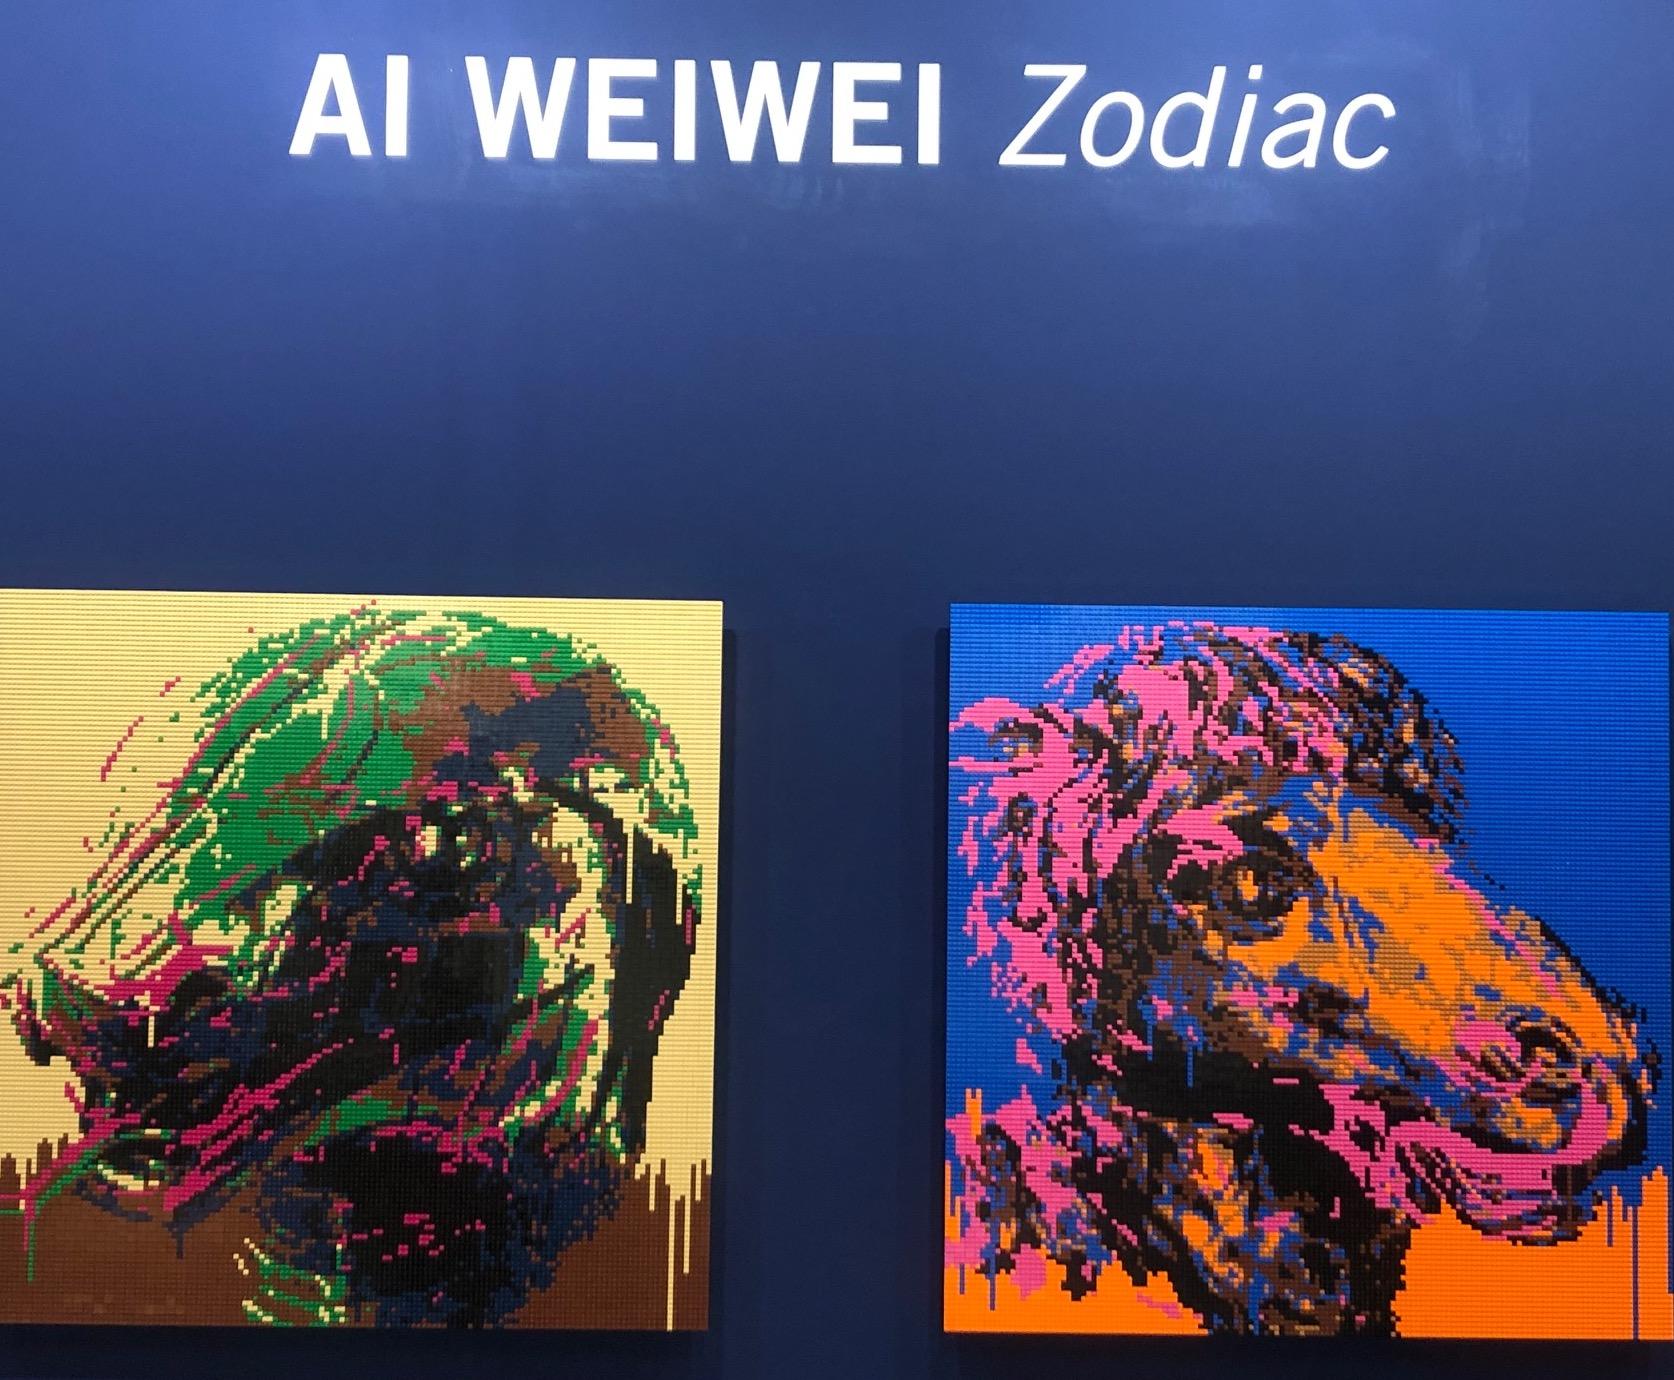 Zodiac. Ai Weiwei.